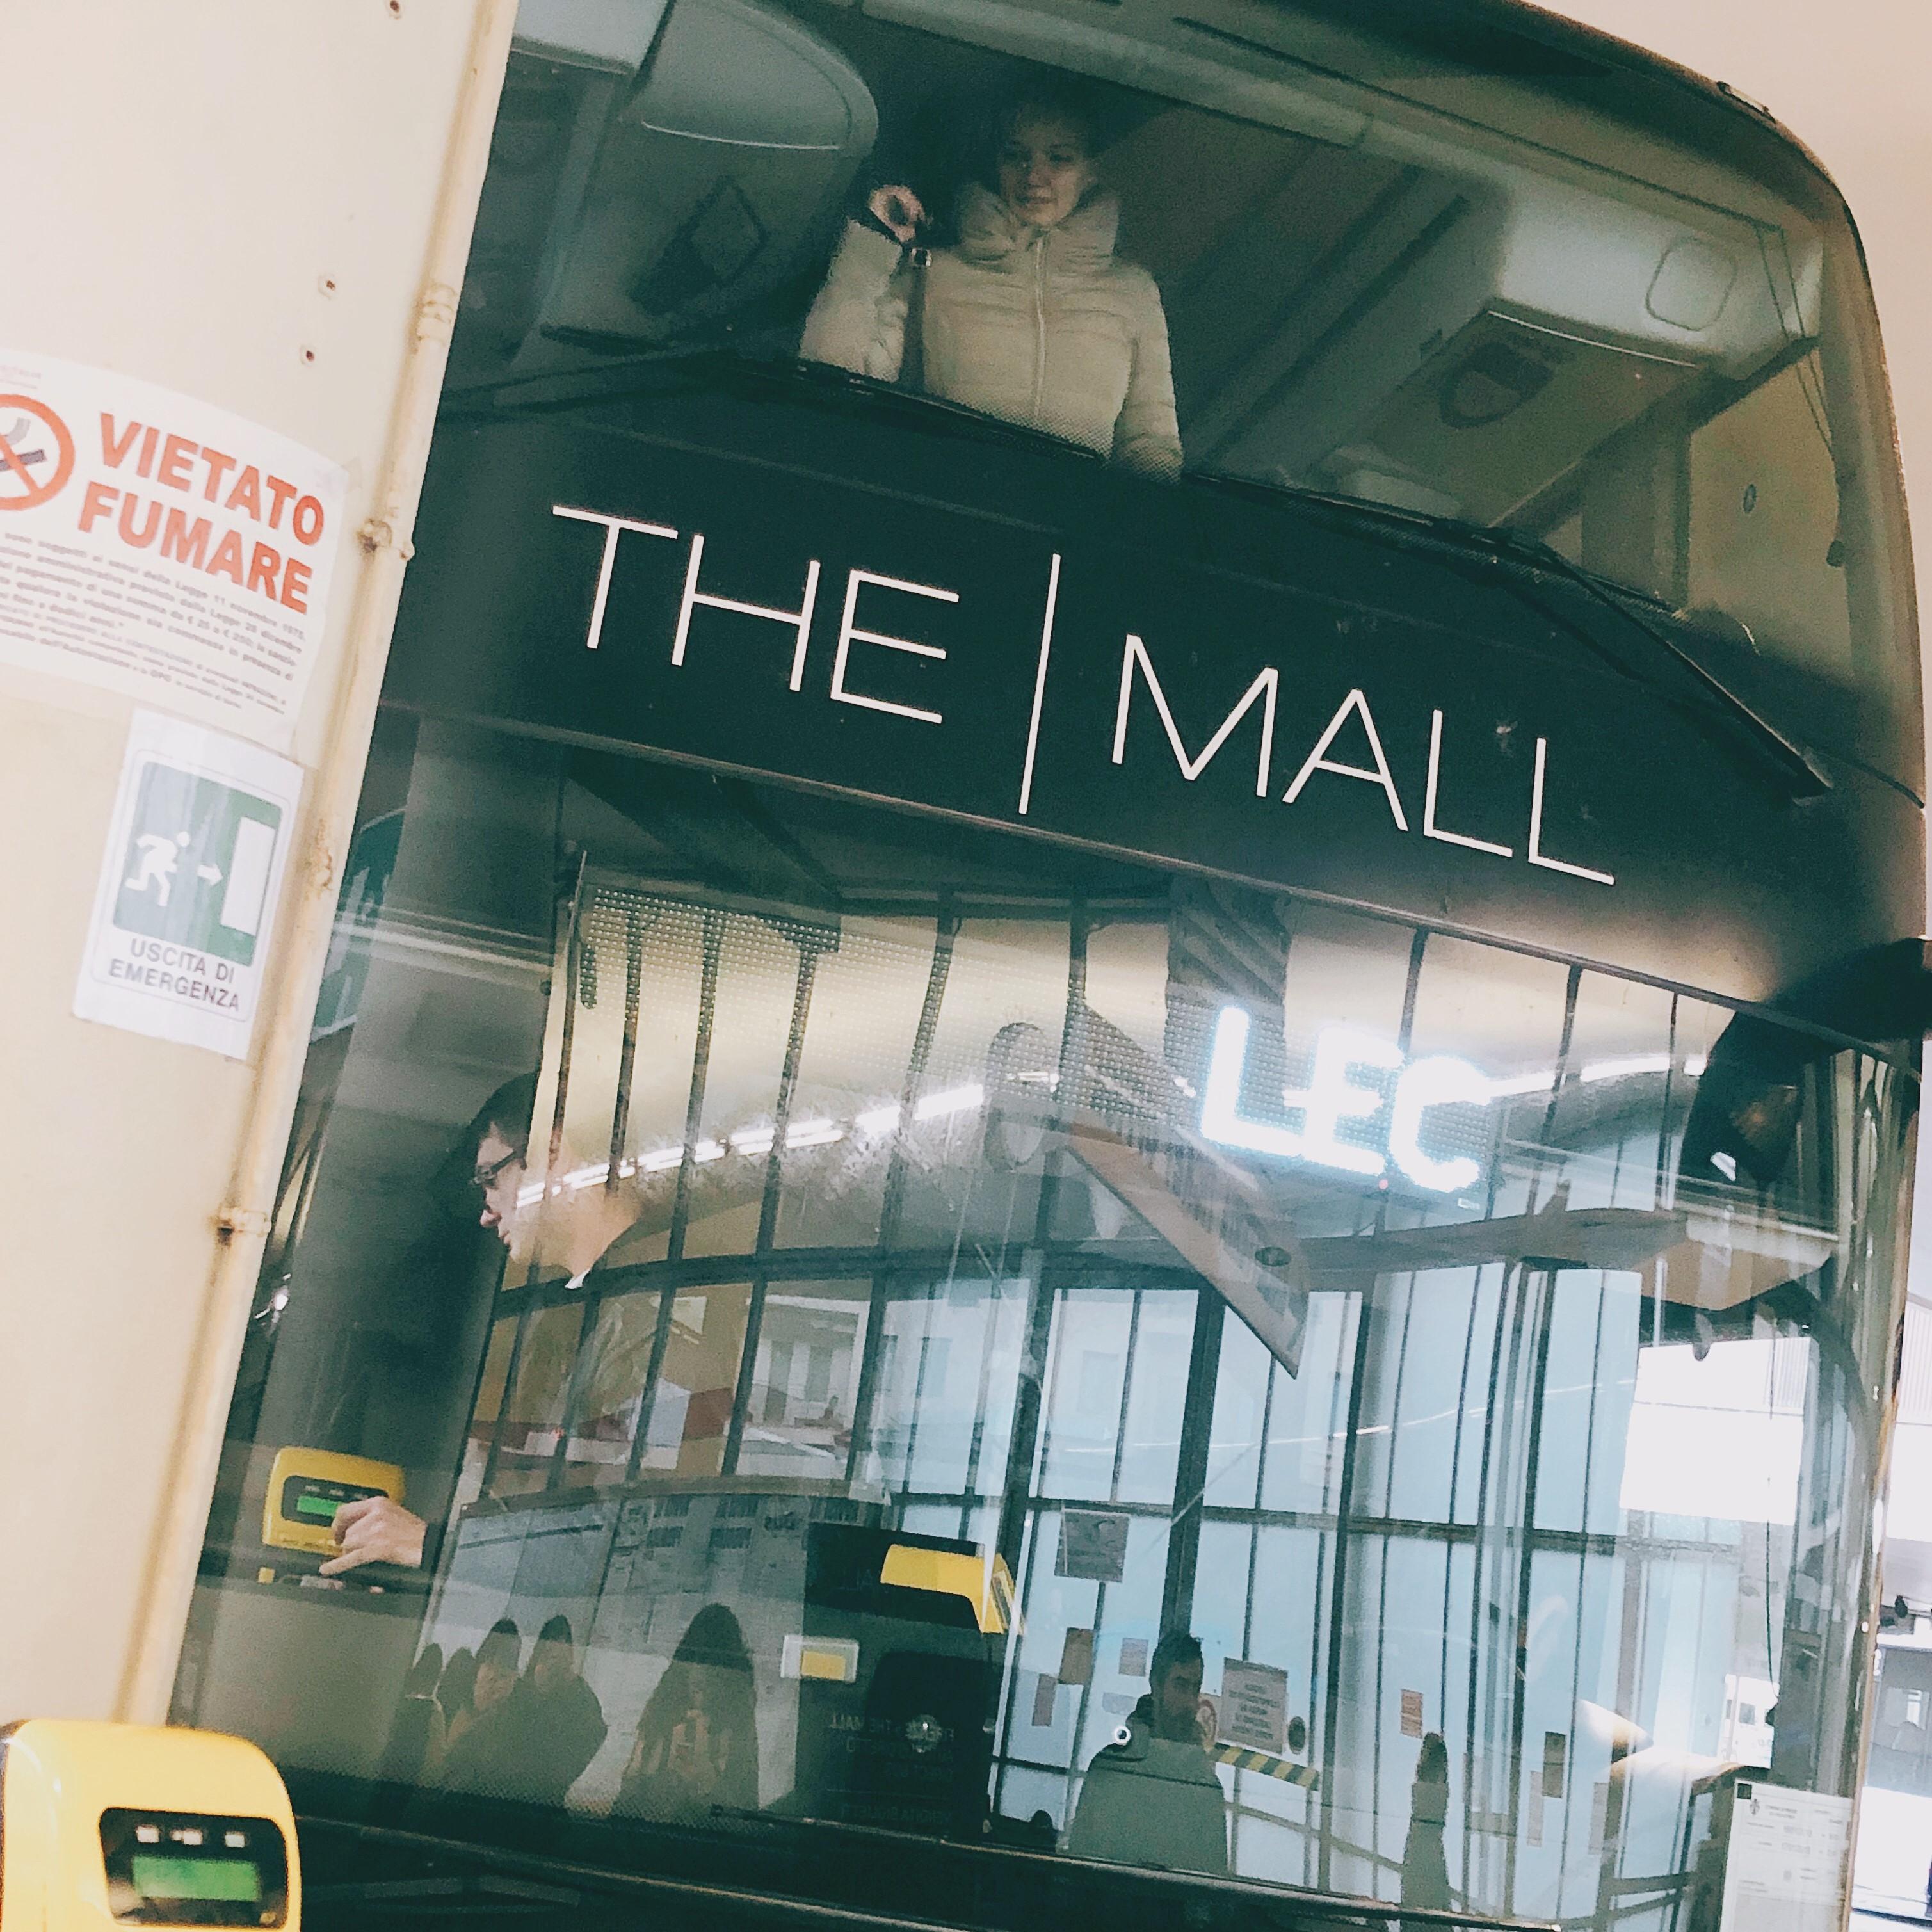 フィレンツェのアウトレットザ・モールの直行バスの画像